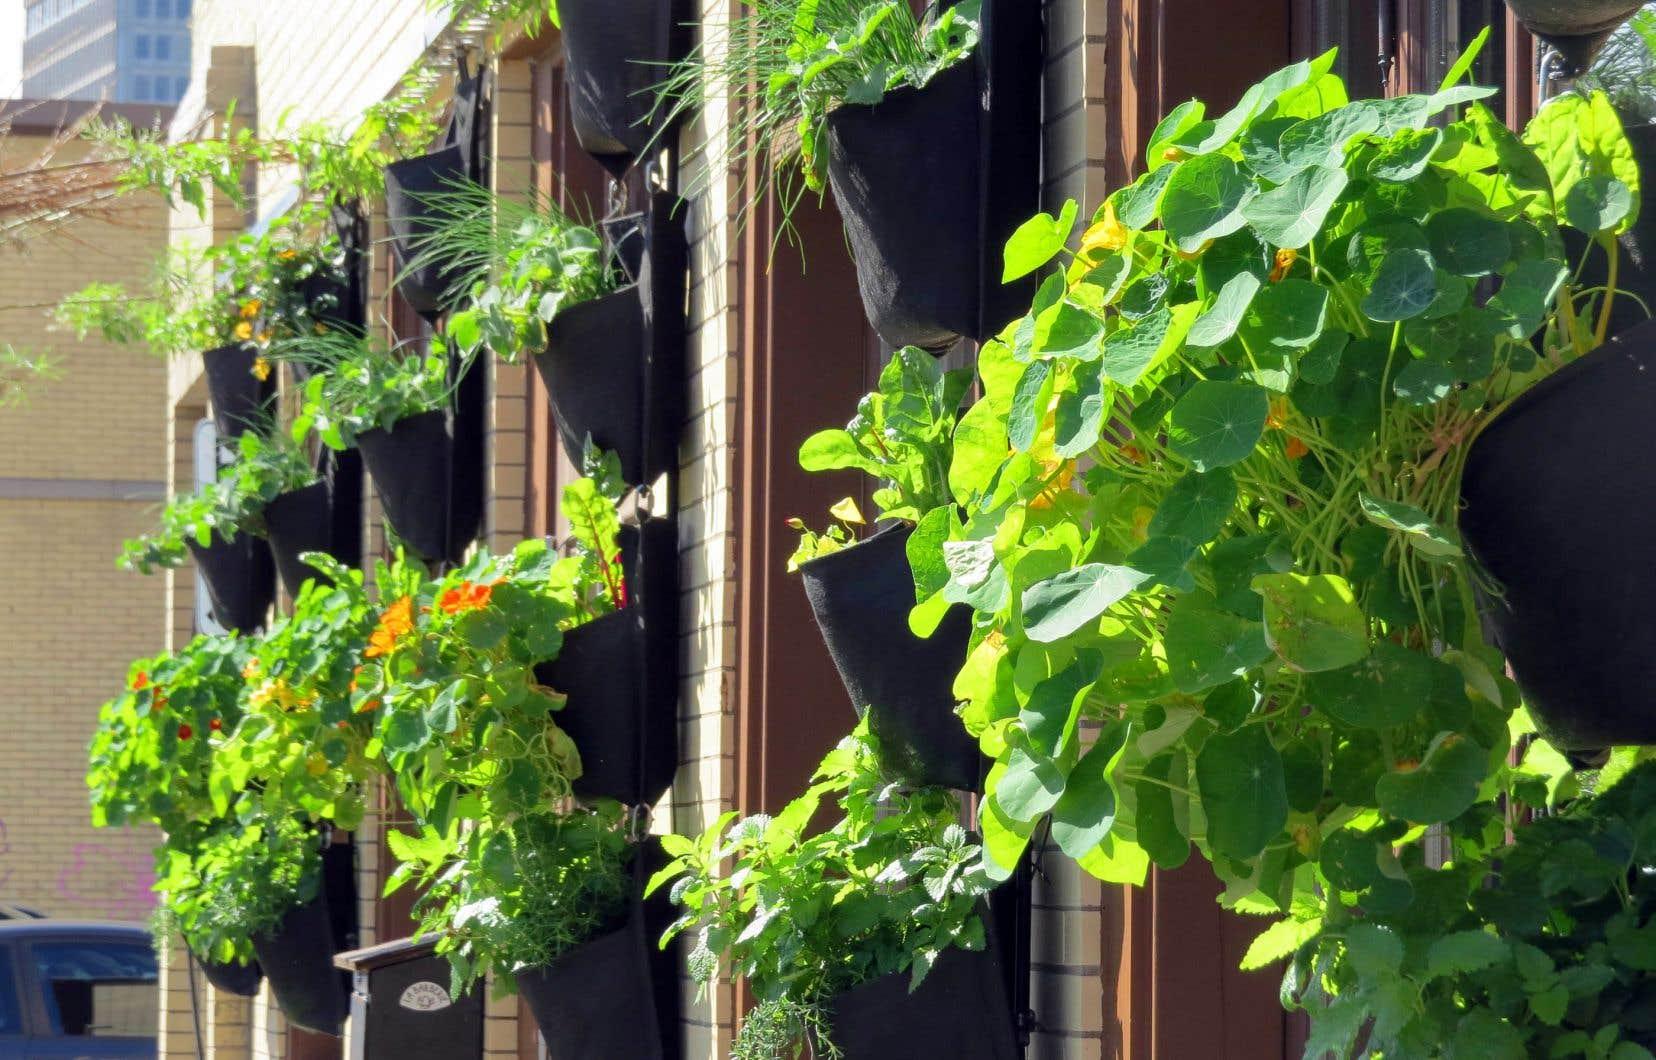 Plante Sur Les Murs comment créer un cocon végétal en utilisant les murs | le devoir